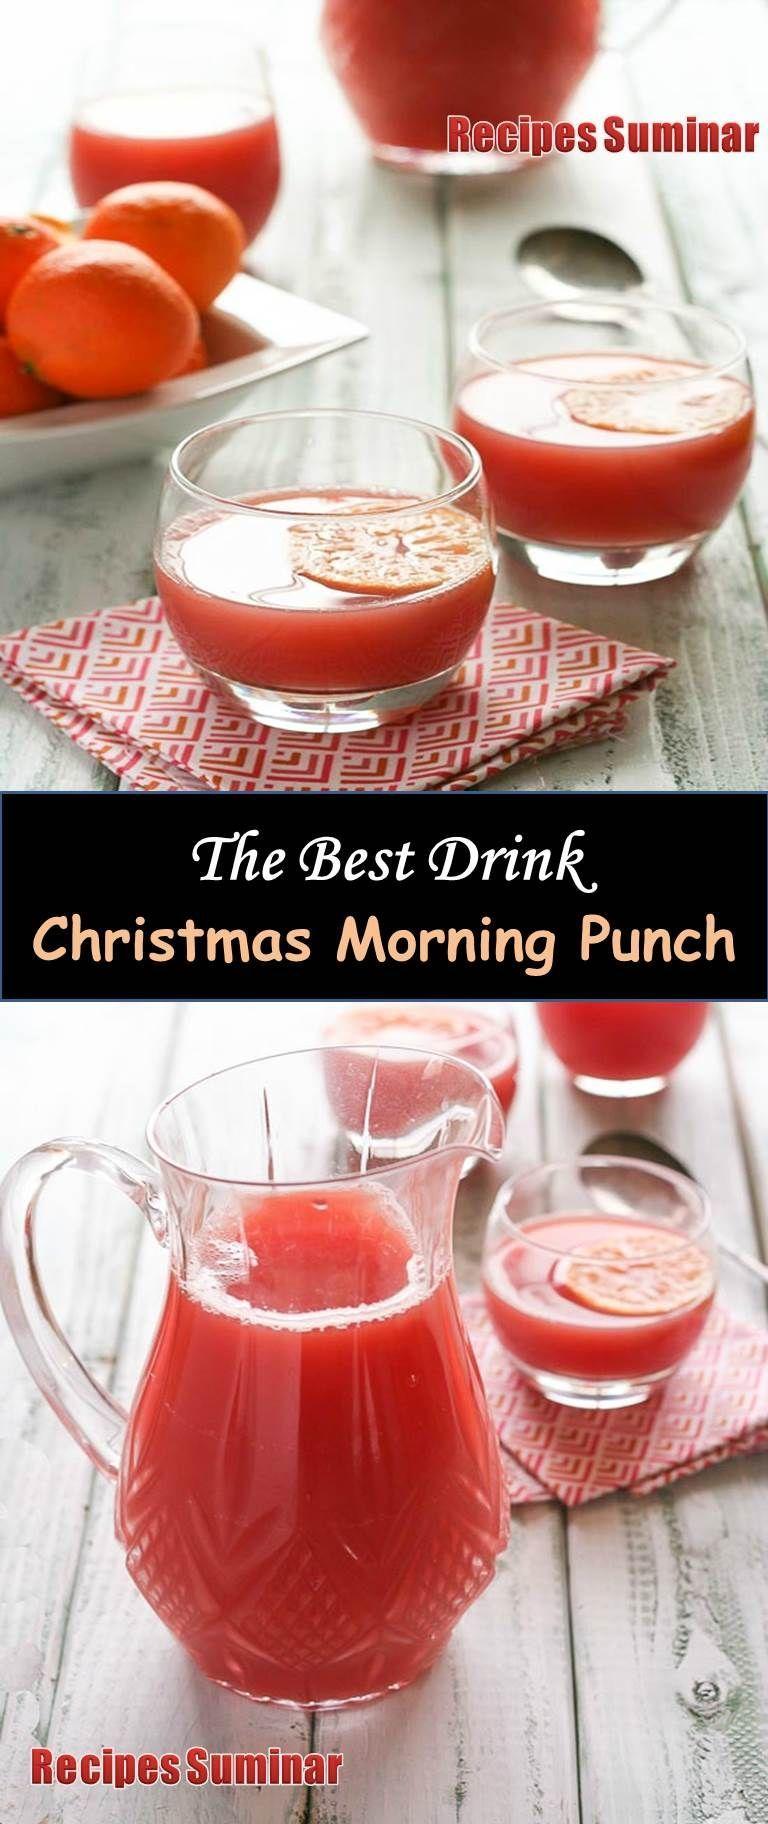 ★★★★★ 967 Reviews : Recipe Suminar==> Christmas Morning Punch #Christmas #Morning #Punch #christmasmorningpunch ★★★★★ 967 Reviews : Recipe Suminar==> Christmas Morning Punch #Christmas #Morning #Punch #christmasmorningpunch ★★★★★ 967 Reviews : Recipe Suminar==> Christmas Morning Punch #Christmas #Morning #Punch #christmasmorningpunch ★★★★★ 967 Reviews : Recipe Suminar==> Christmas Morning Punch #Christmas #Morning #Punch #christmasmorningpunch